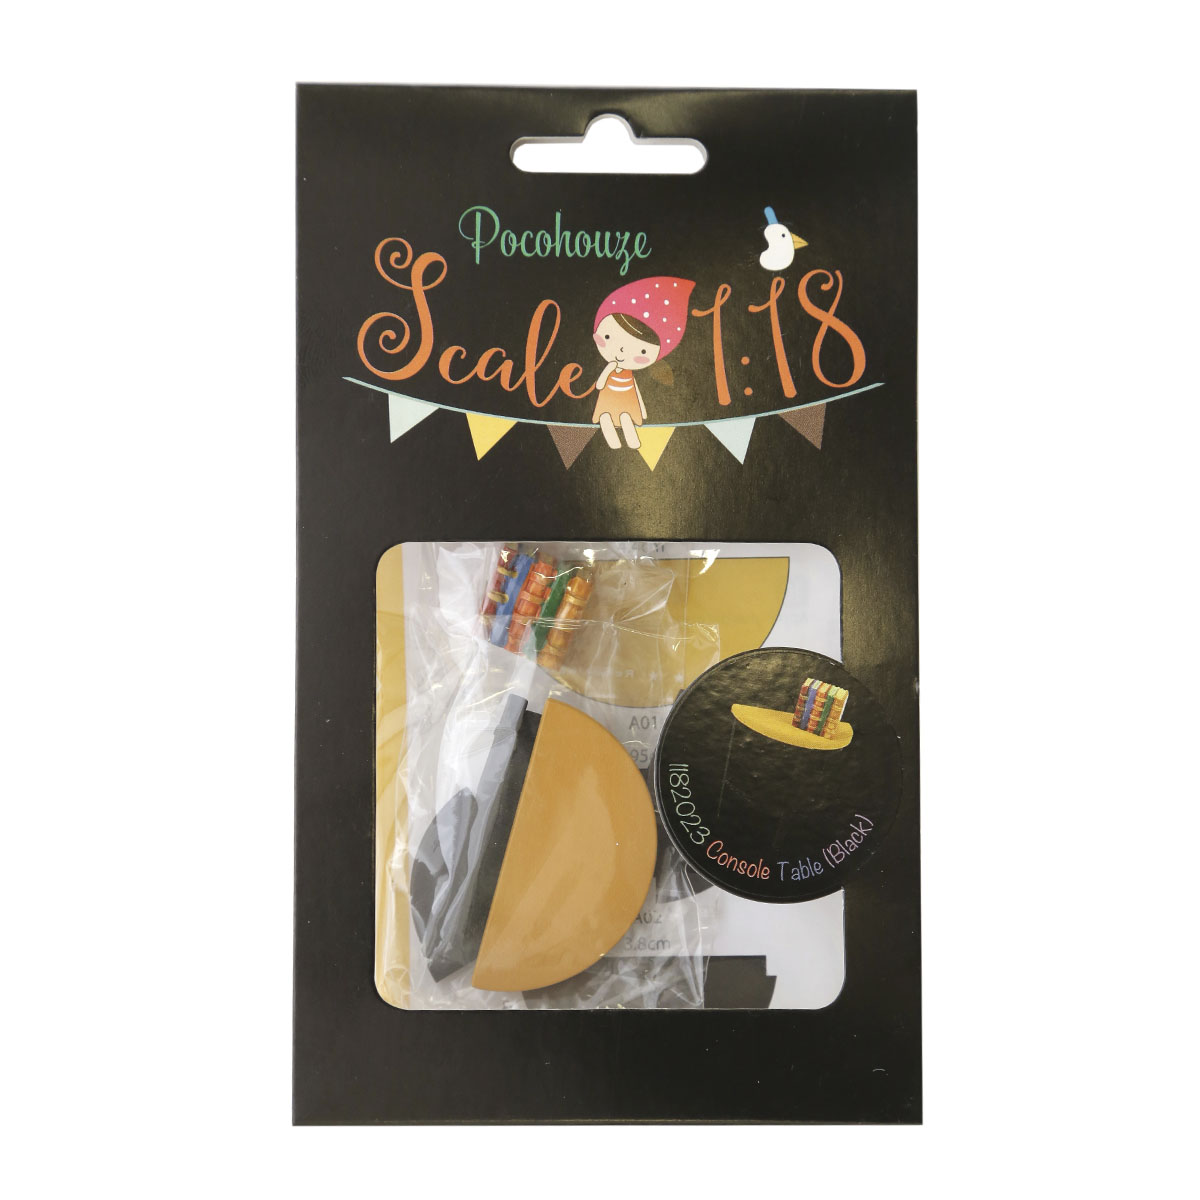 Набор для изготовления миниатюры Pocohouse Столик. 1182023 купить аксессуары для изготовления постижерных изделий